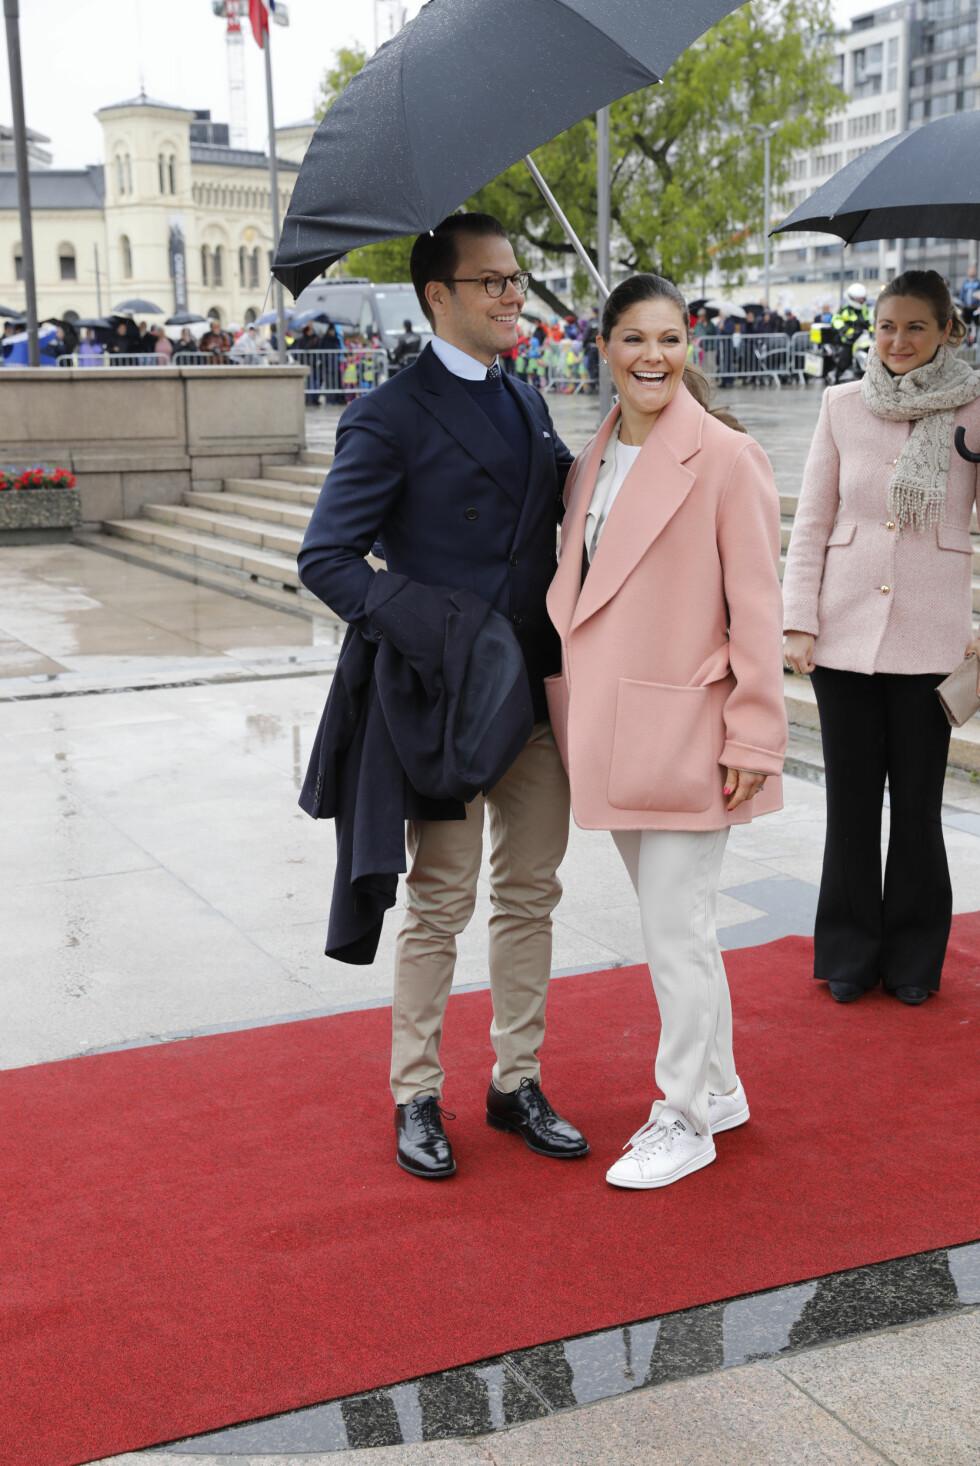 BURSDAGSFEST: Kronprinsesse Victoria og prins Daniel av Sverige på Honnørbryggen før avreise med Kongeskipet Norge. Foto: Kallestad, Gorm / NTB Scanpix